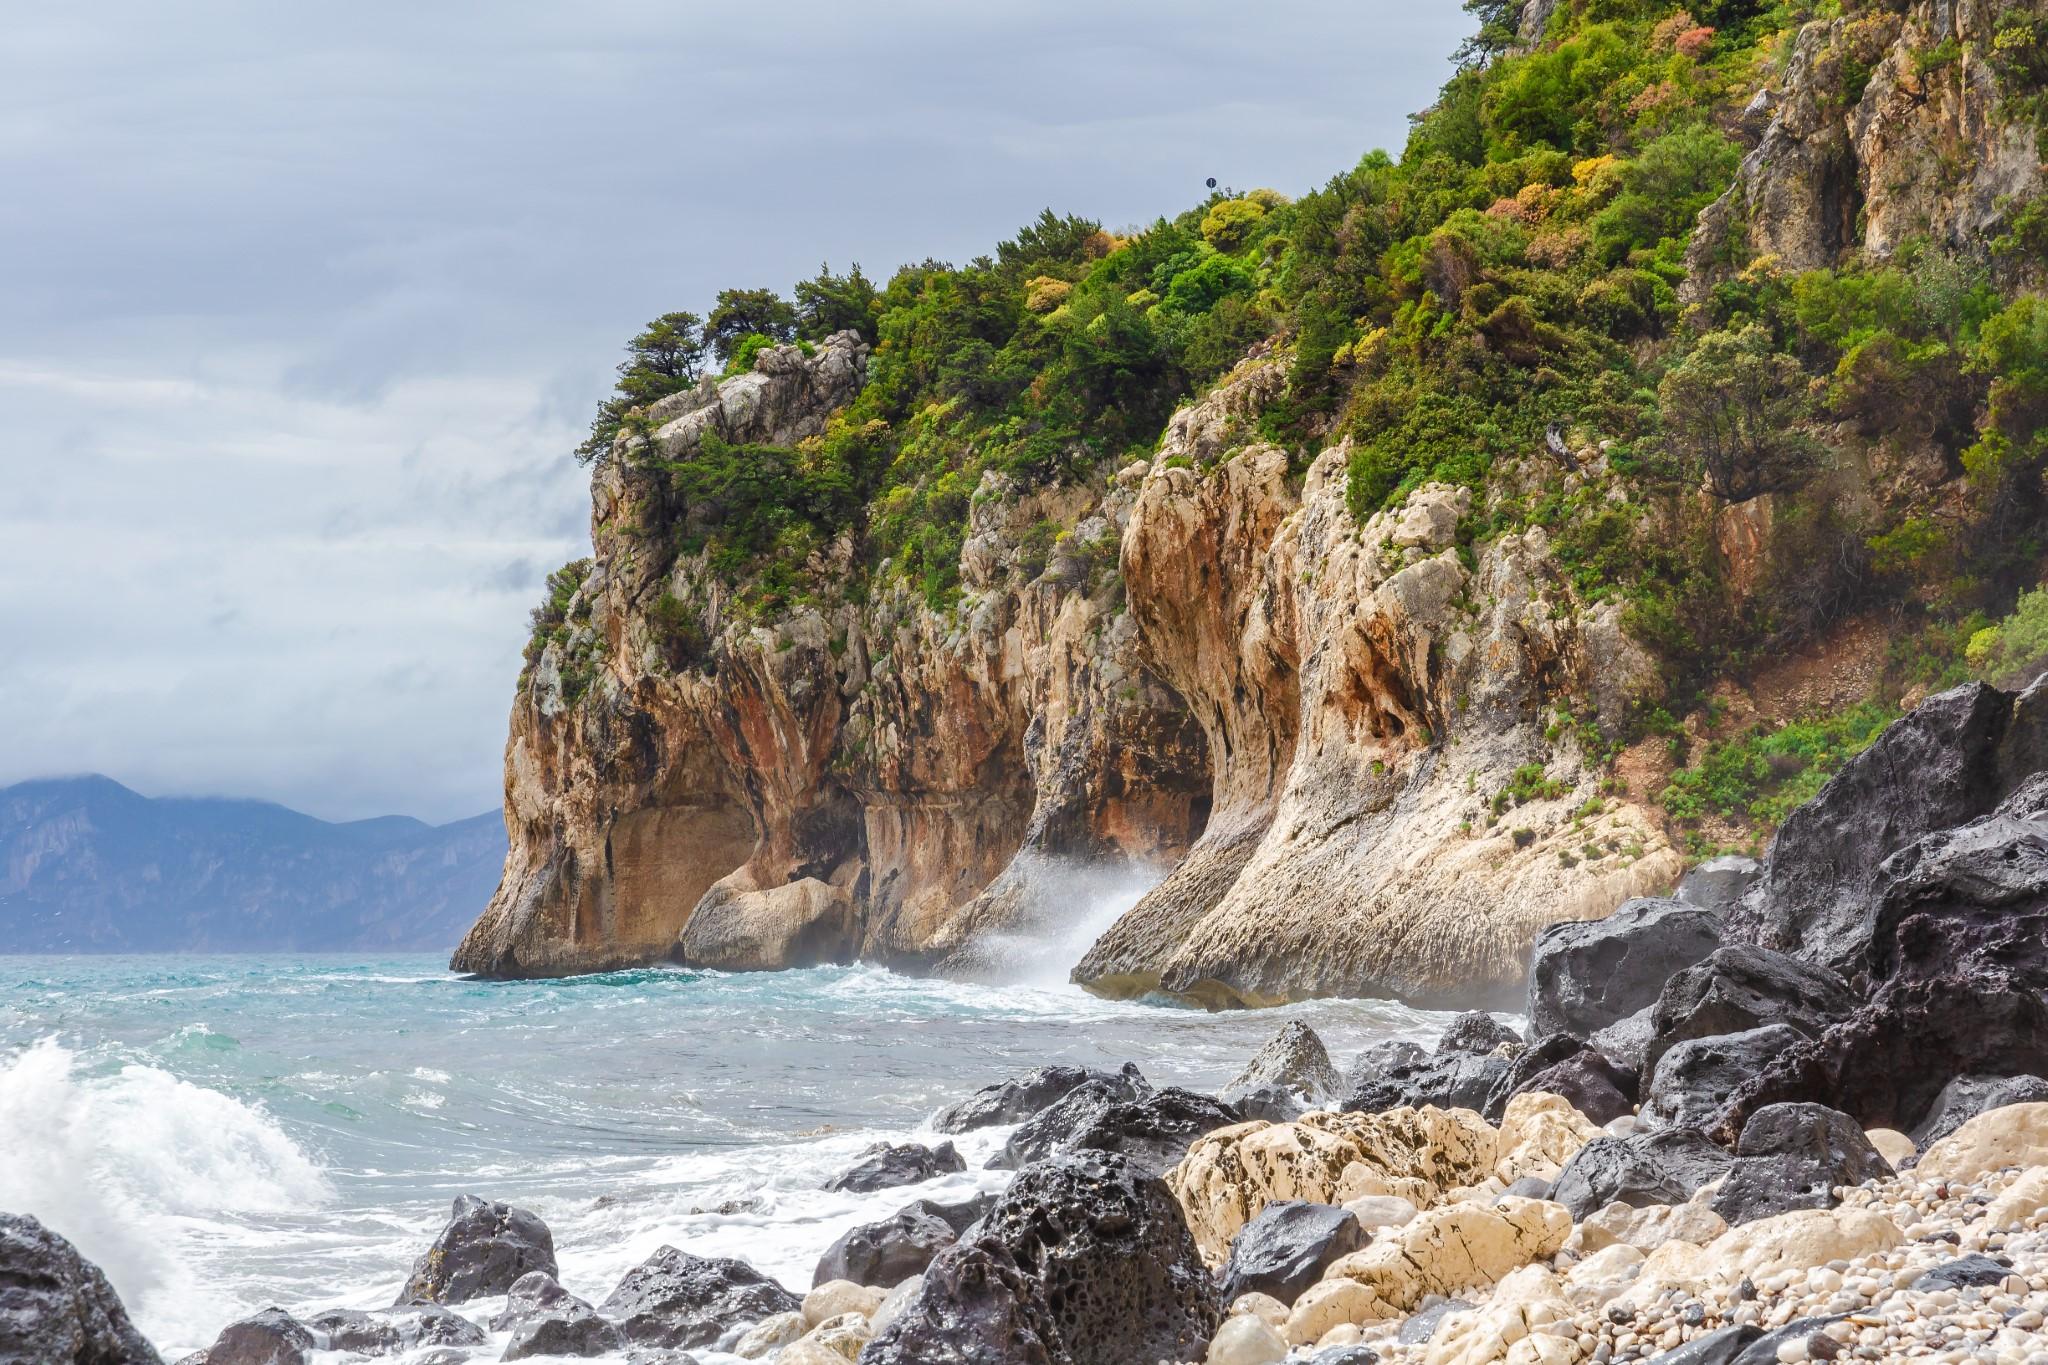 Bay Spiaggia di Ziu Martine near Cala Gonone, Sardinia